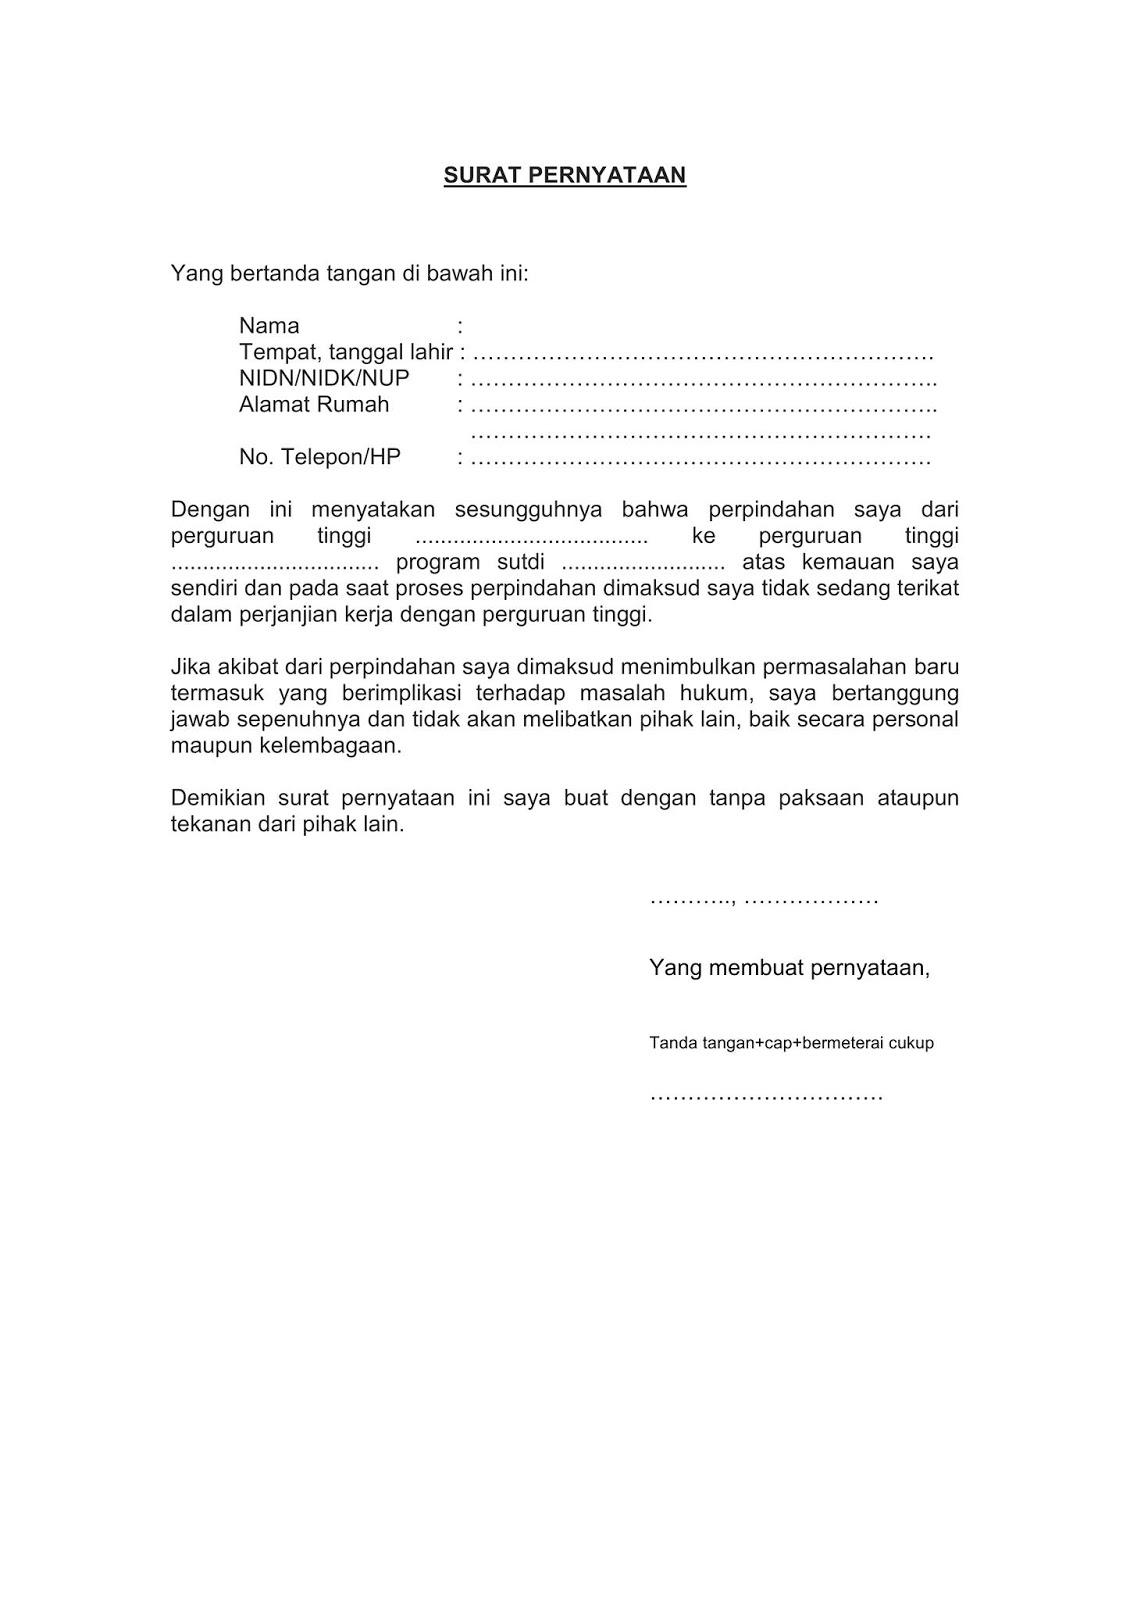 DWI CAHYADI WIBOWO: prosedur pindah homebase dosen yg